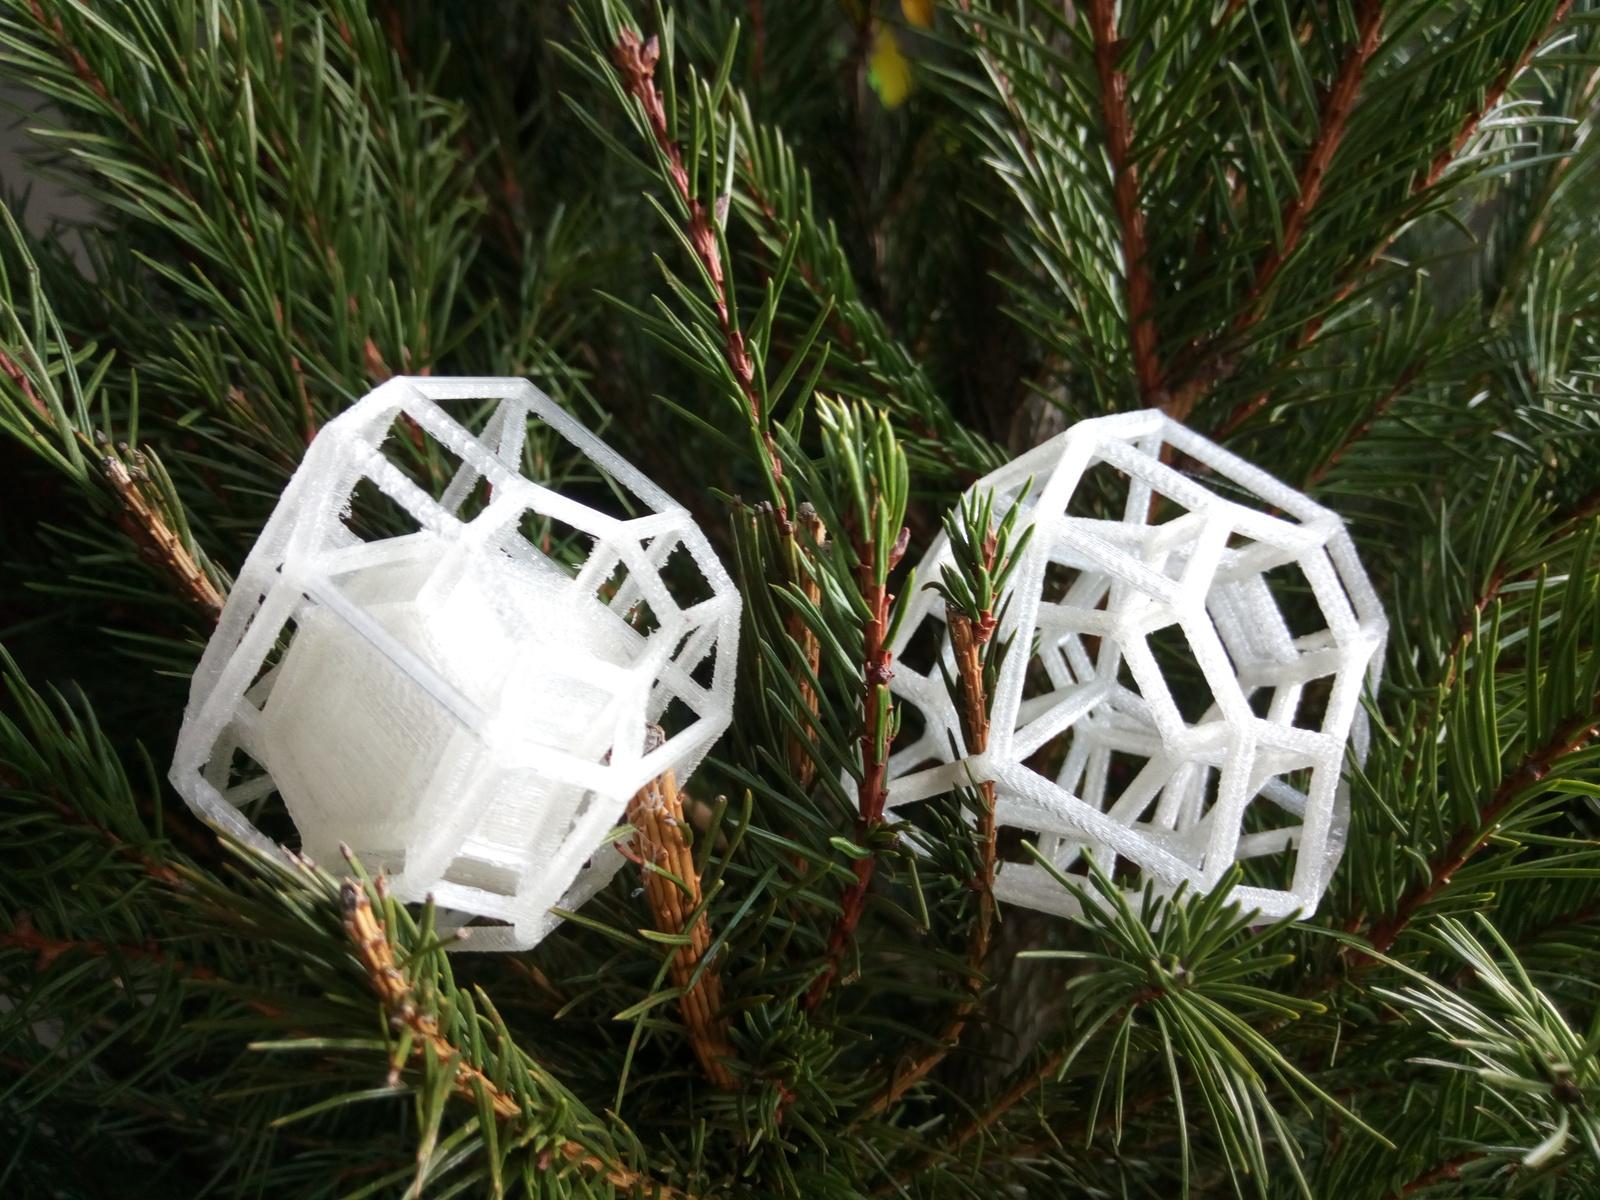 deux vues d'un même polytope imprimées en 3D et posées sur un sapin